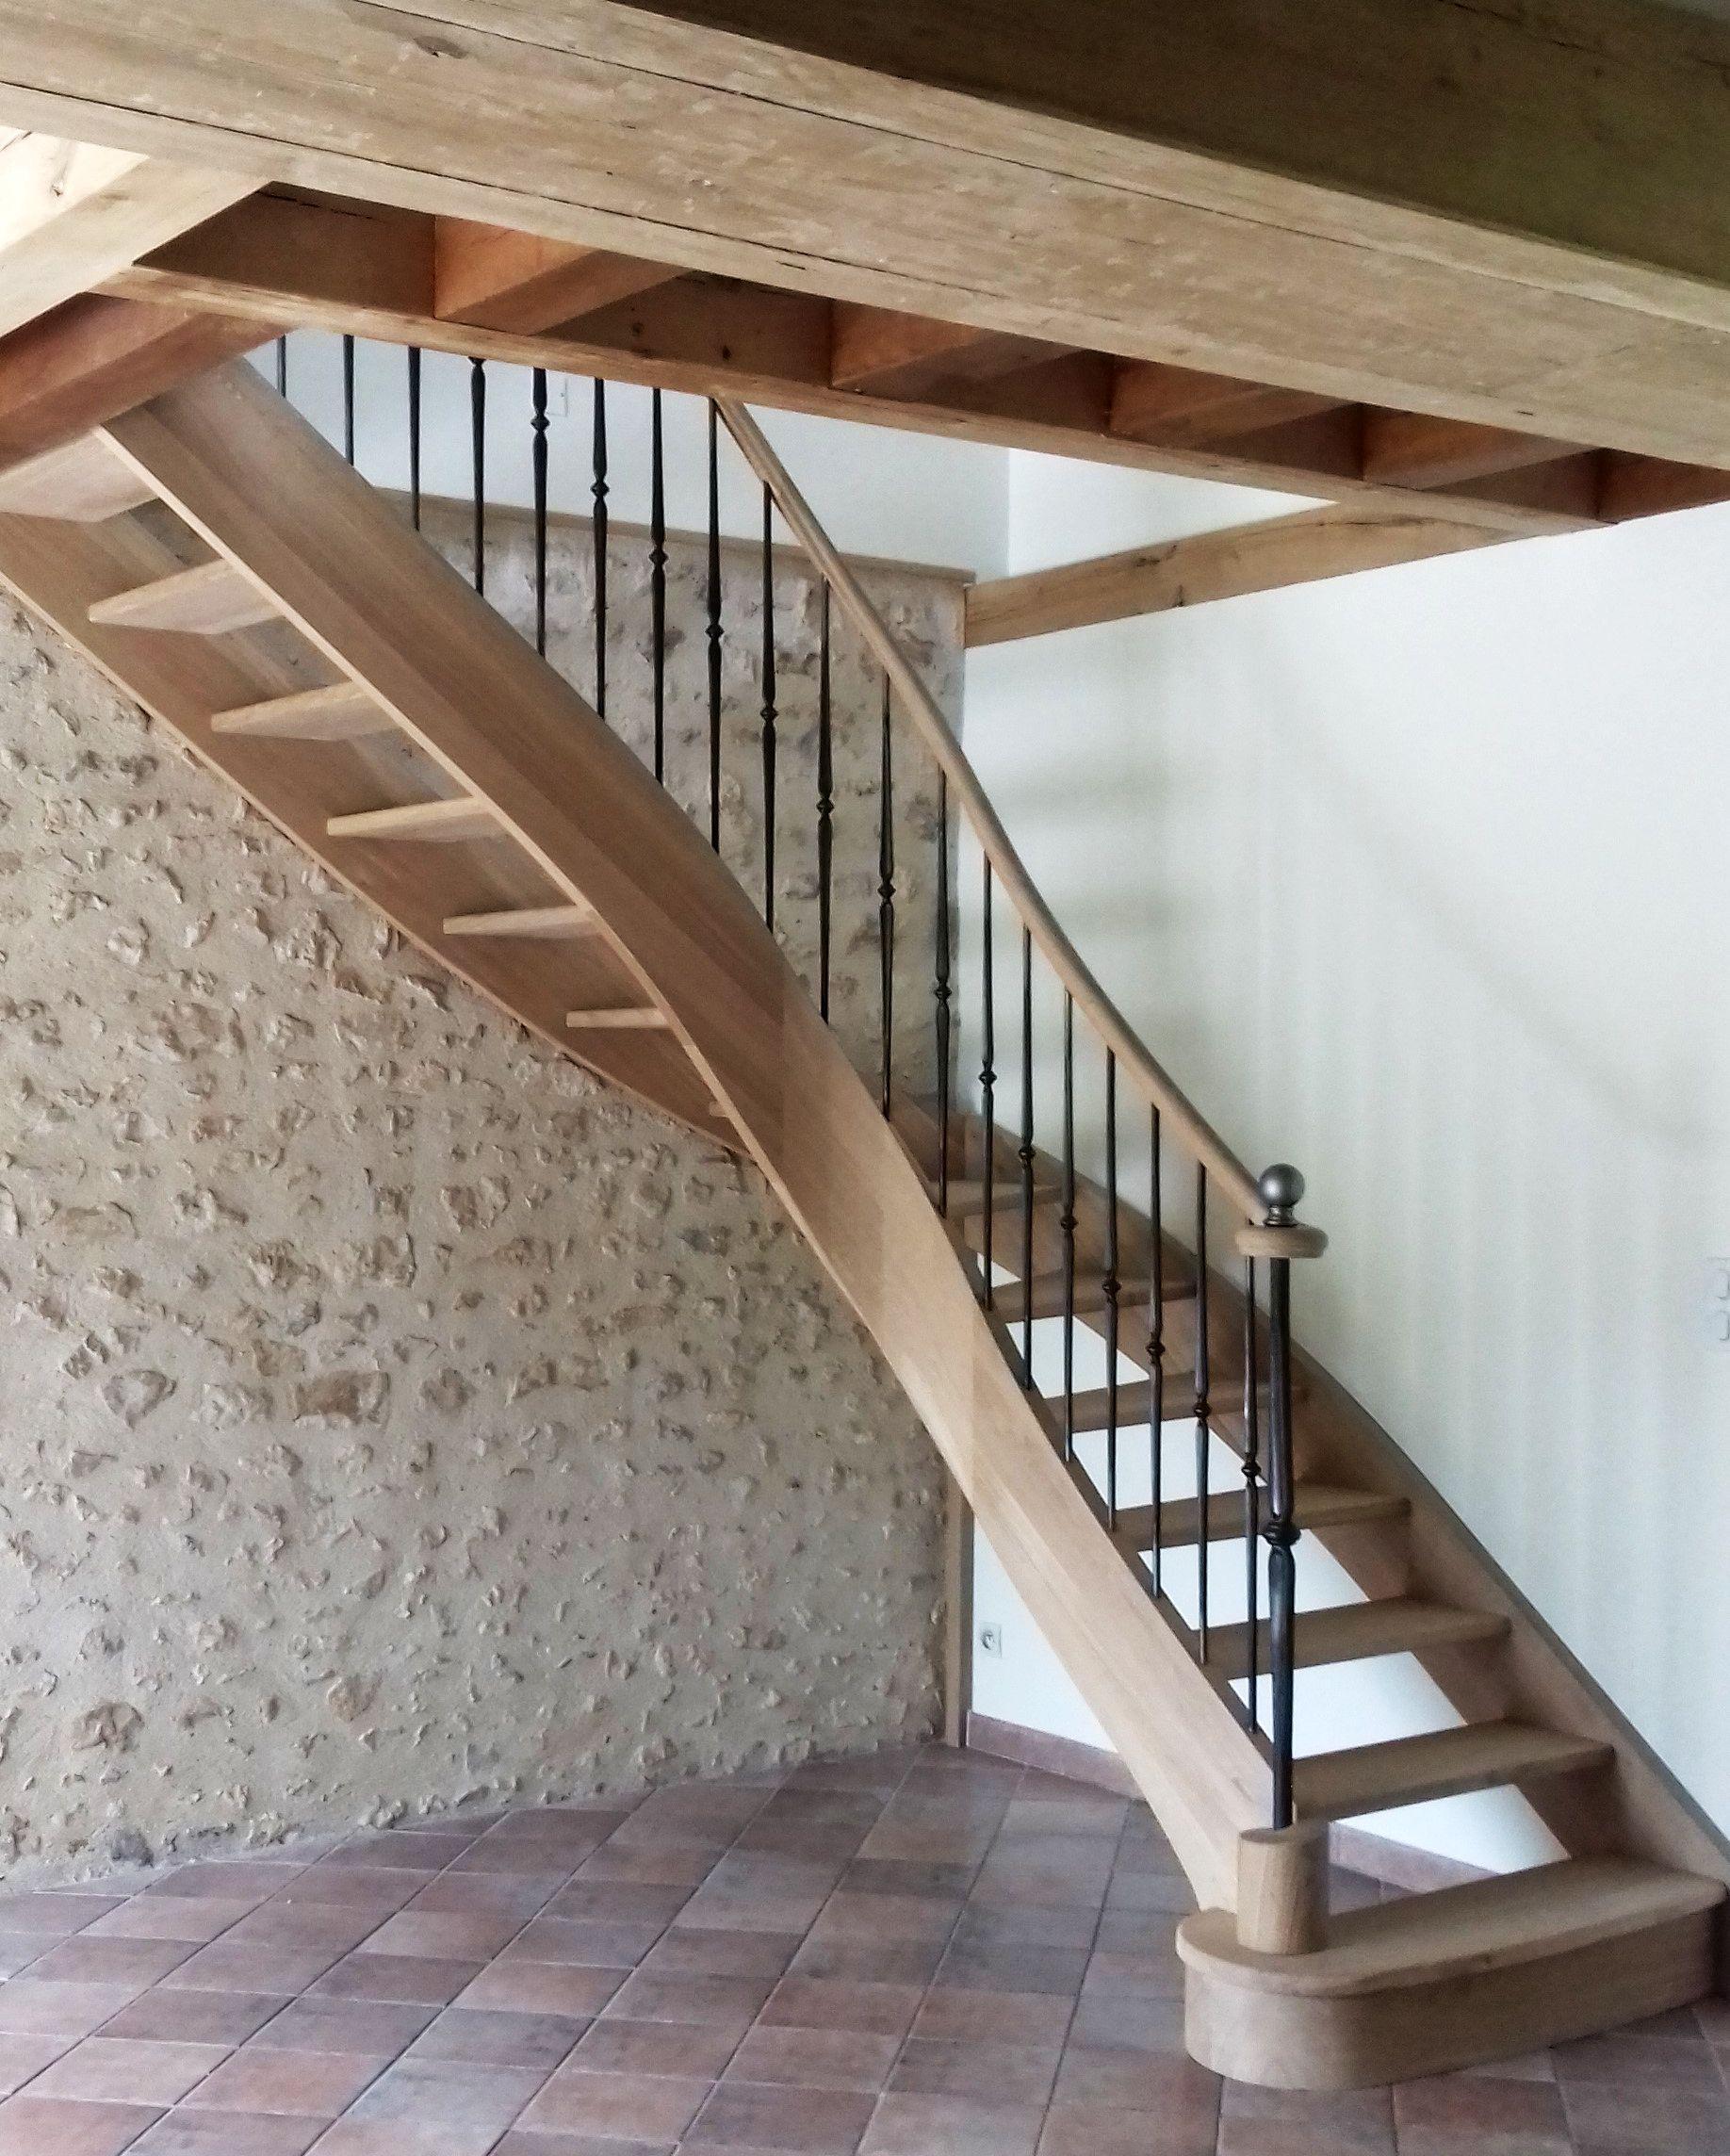 Escalier classique en bois et m tal escalier quart - Escalier debillarde ...